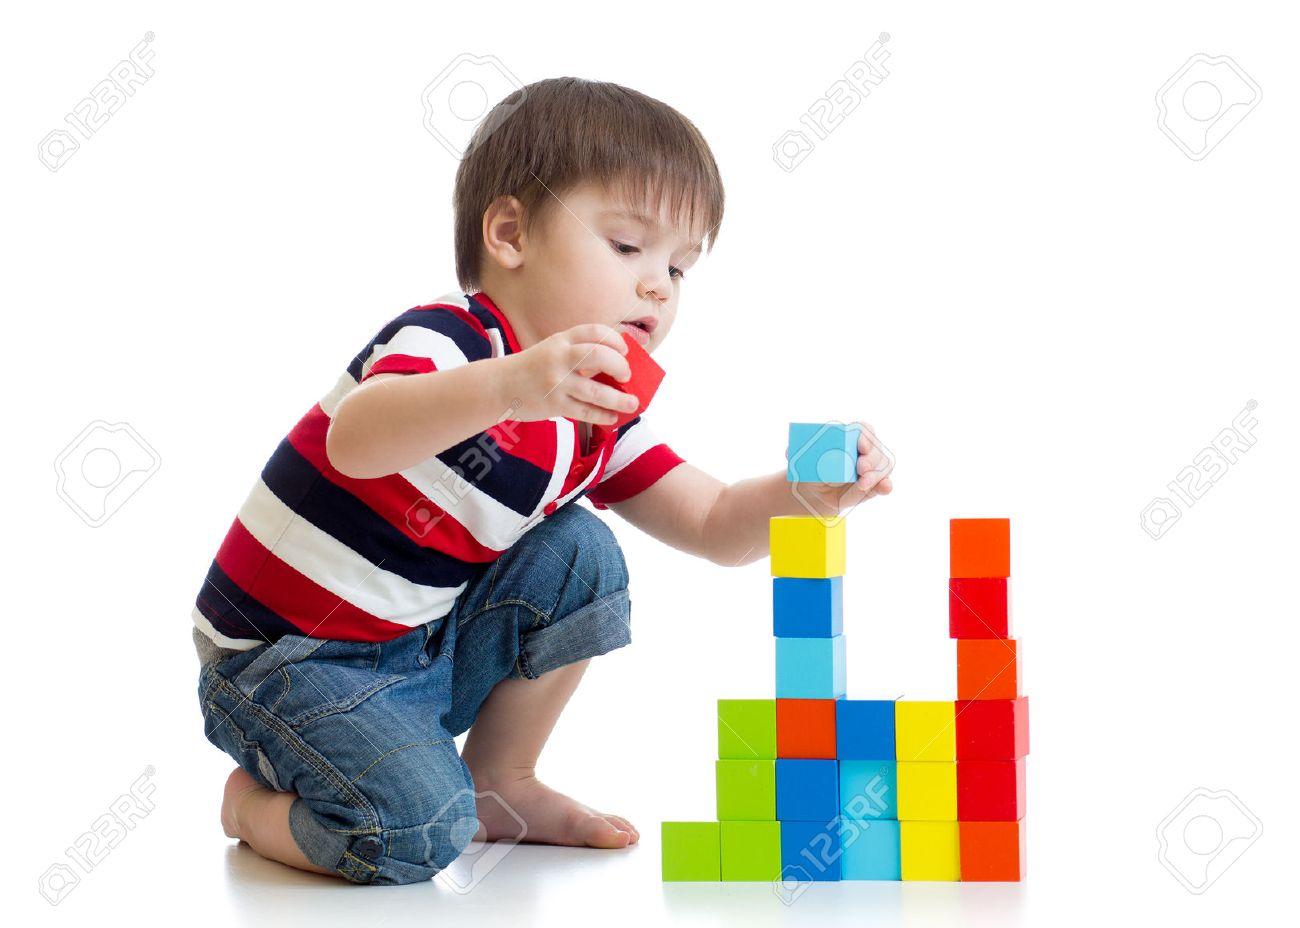 kid enfant garçon jouant avec des cubes de couleur jouets sur le plancher isolé Banque d'images - 52013162